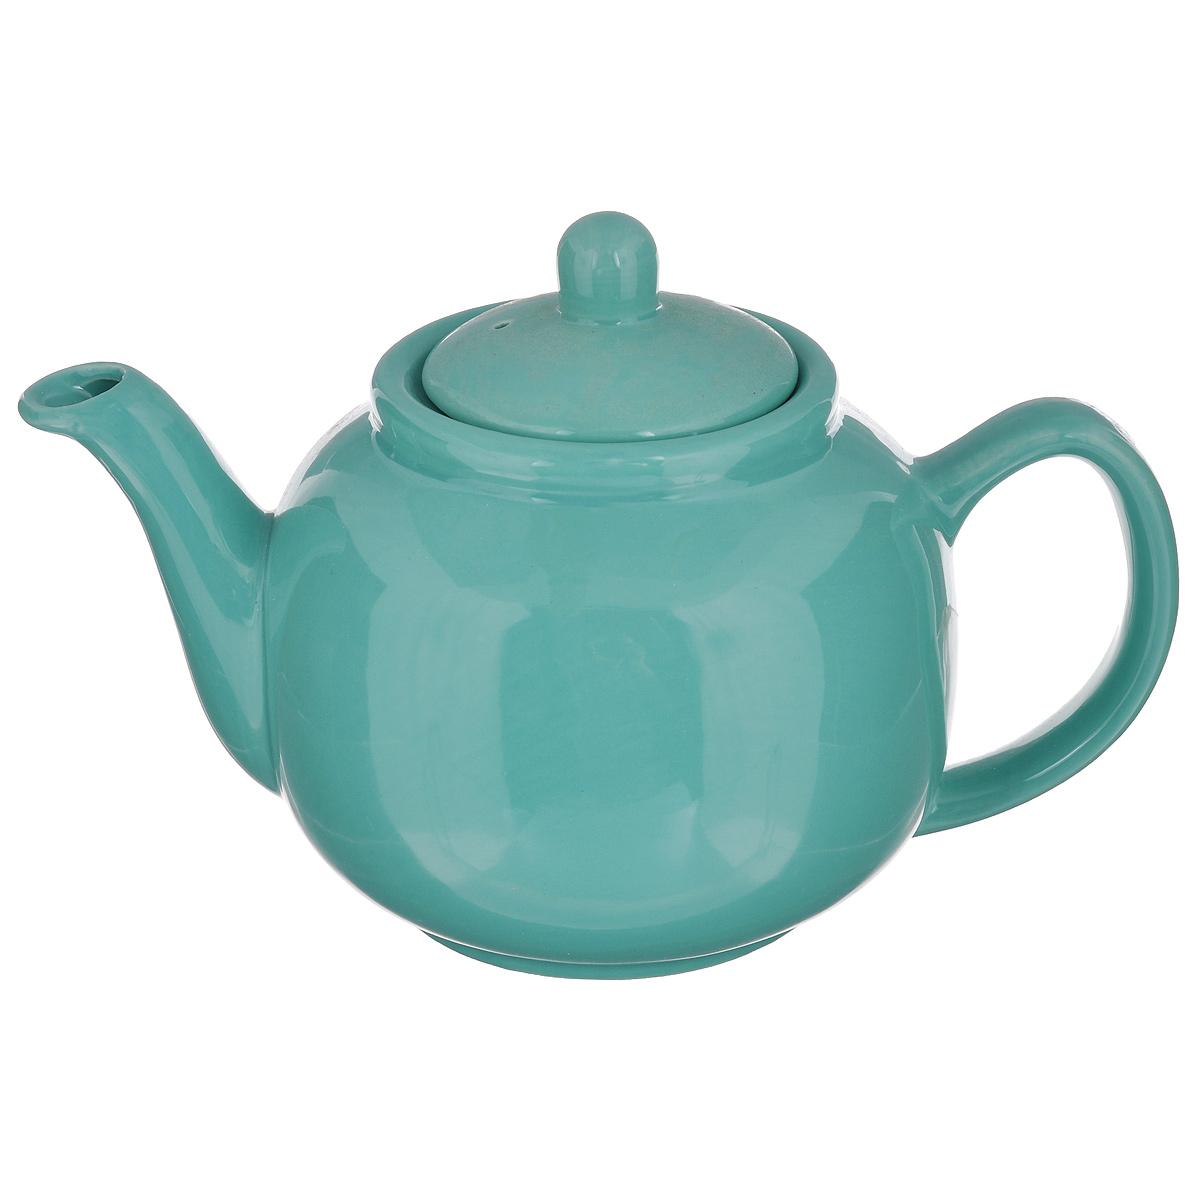 Чайник заварочный Loraine, цвет: зеленый, 940 мл24867Заварочный чайник Loraine изготовлен из высококачественной доломитовой керамики высокого качества без примеси ПФОК. Глазурованное покрытие делает поверхность абсолютно гладкой и легкой для чистки. Изделие прекрасно подходит для заваривания вкусного и ароматного чая, травяных настоев. Оригинальный дизайн сделает чайник настоящим украшением стола. Он удобен в использовании и понравится каждому. Можно мыть в посудомоечной машине и использовать в микроволновой печи. Диаметр чайника (по верхнему краю): 9 см. Высота чайника (без учета крышки): 11 см.